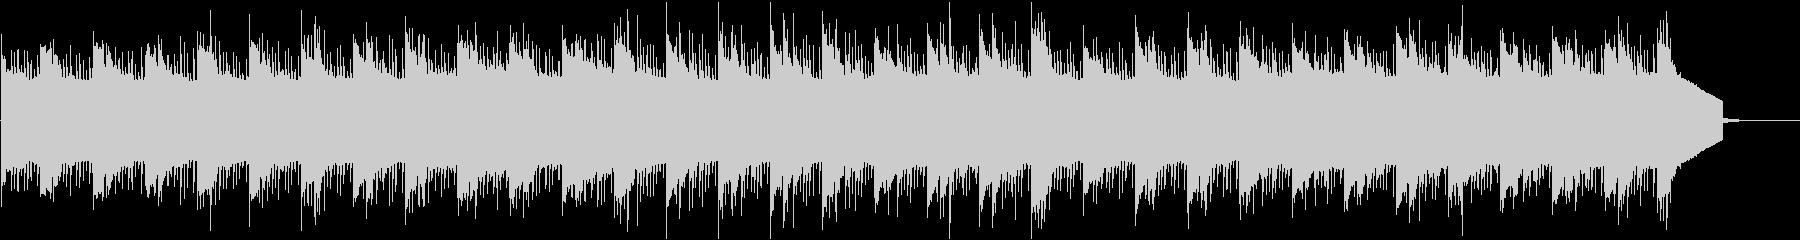 【ドラム抜き】コーポレート/アンビエントの未再生の波形